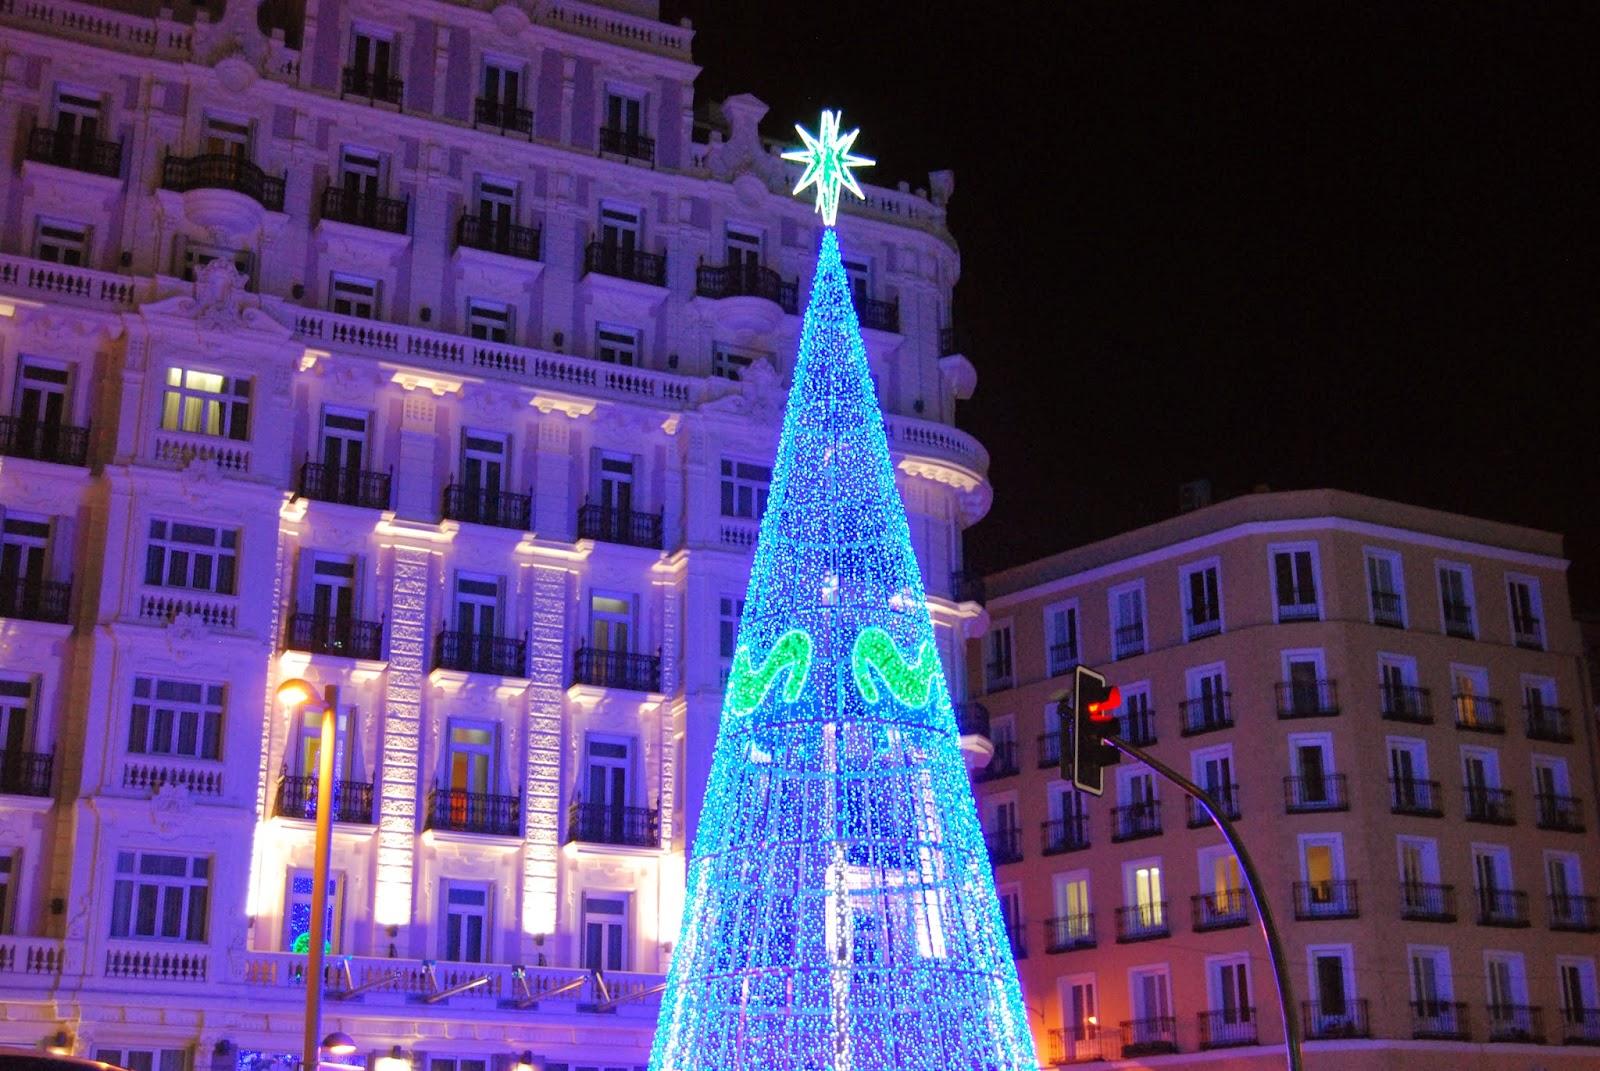 http://sosunnyblog.blogspot.com.es/2014/12/volver-casa-por-navidad.html